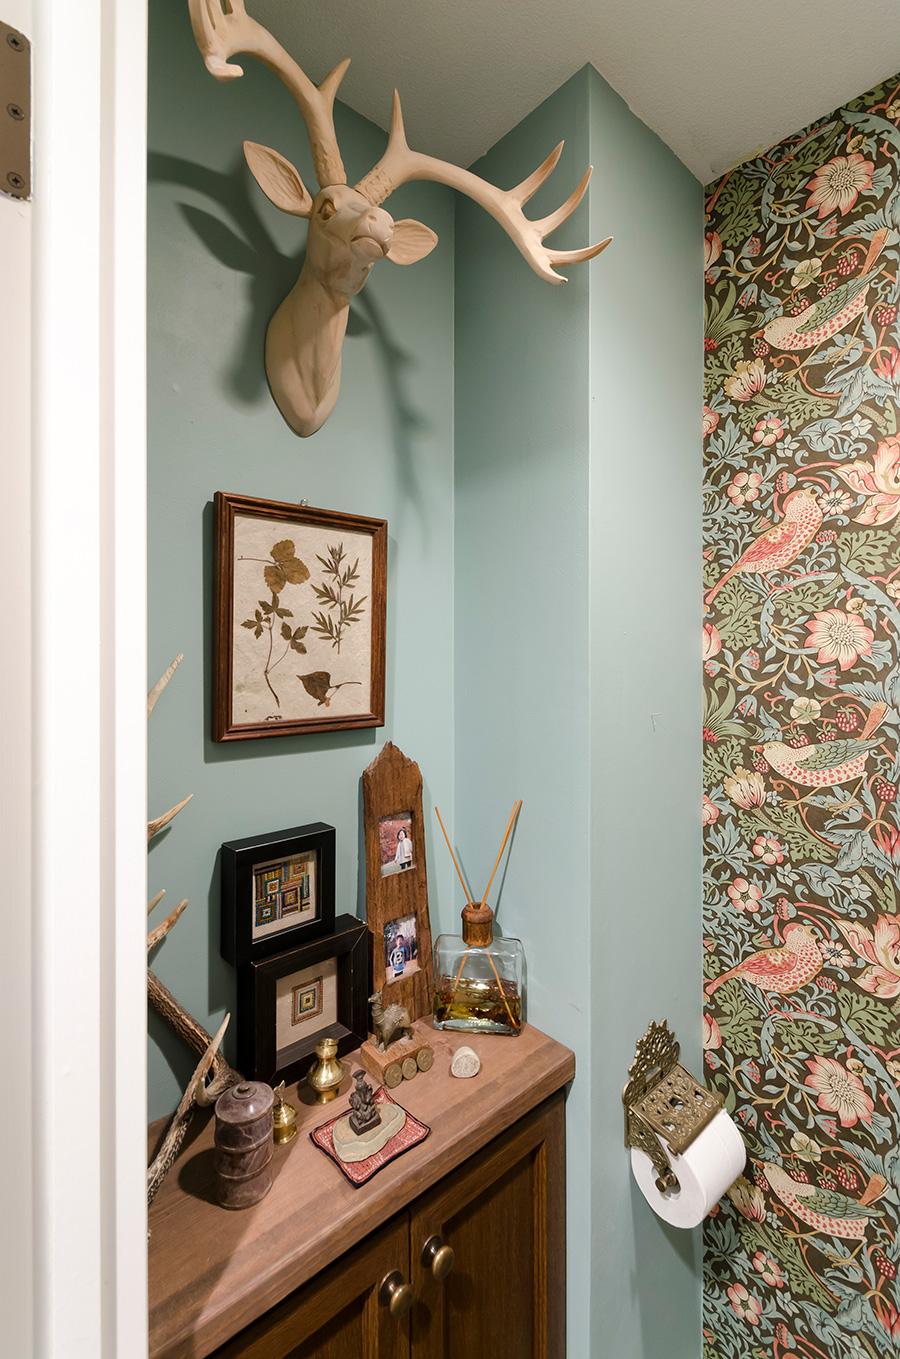 """ウイリアム・モリスの壁紙を貼ったトイレは、""""フォレストガーデン""""がテーマ。旅の思い出コーナーでもある。"""